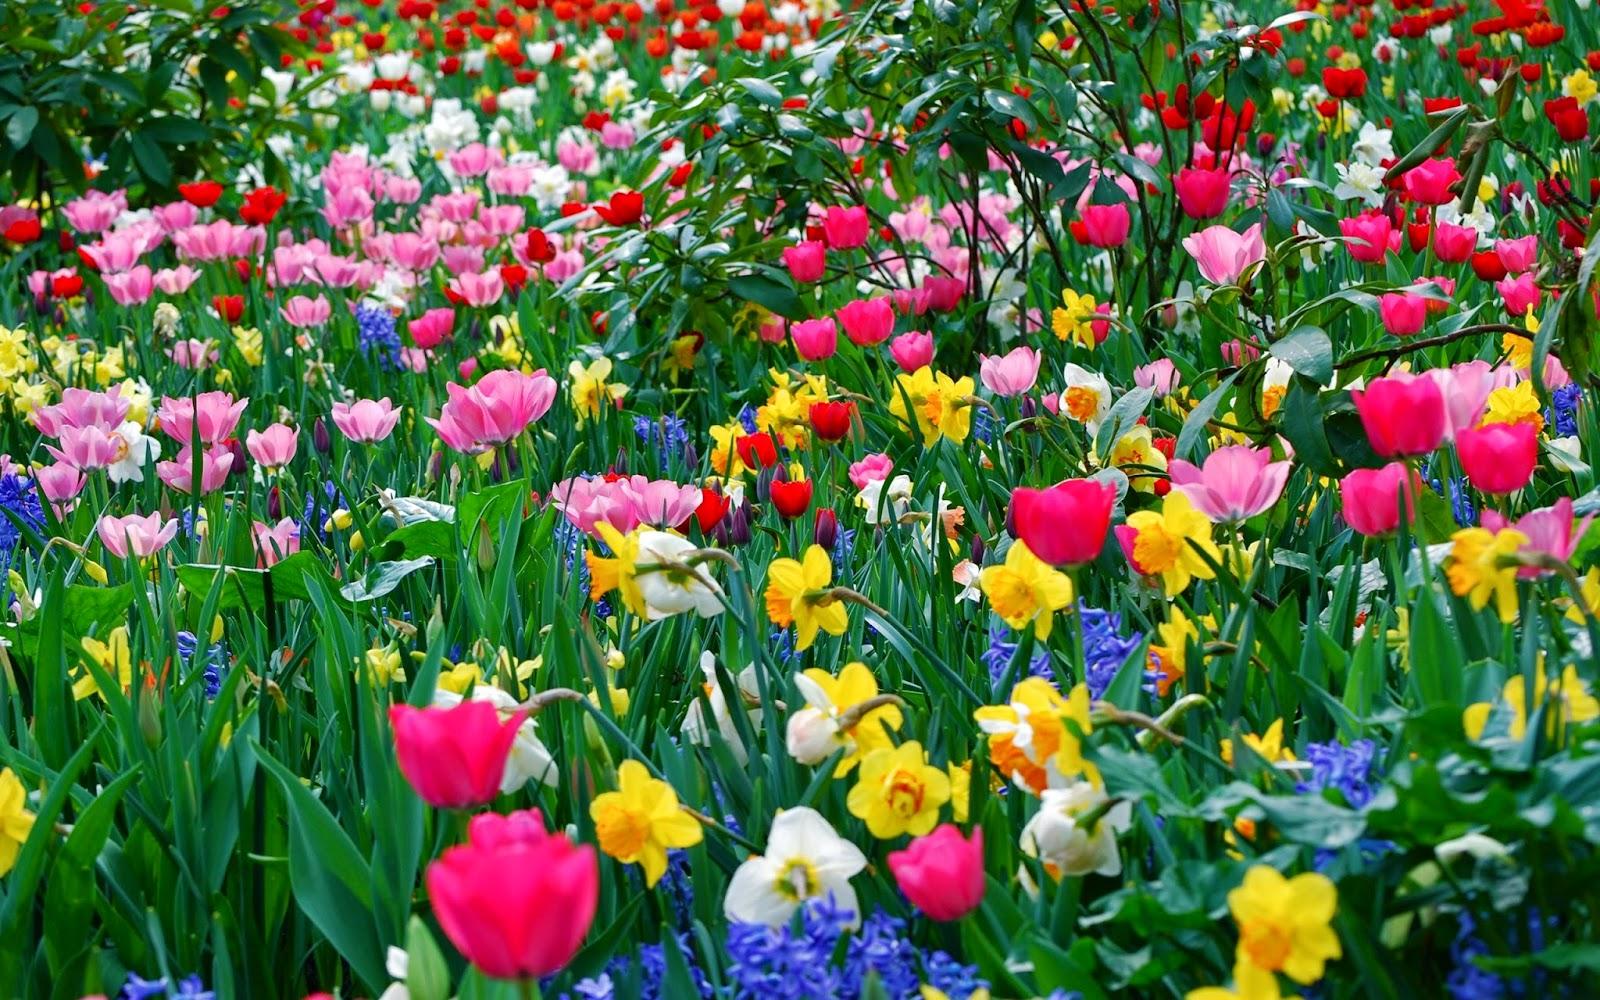 Farm of Tulip